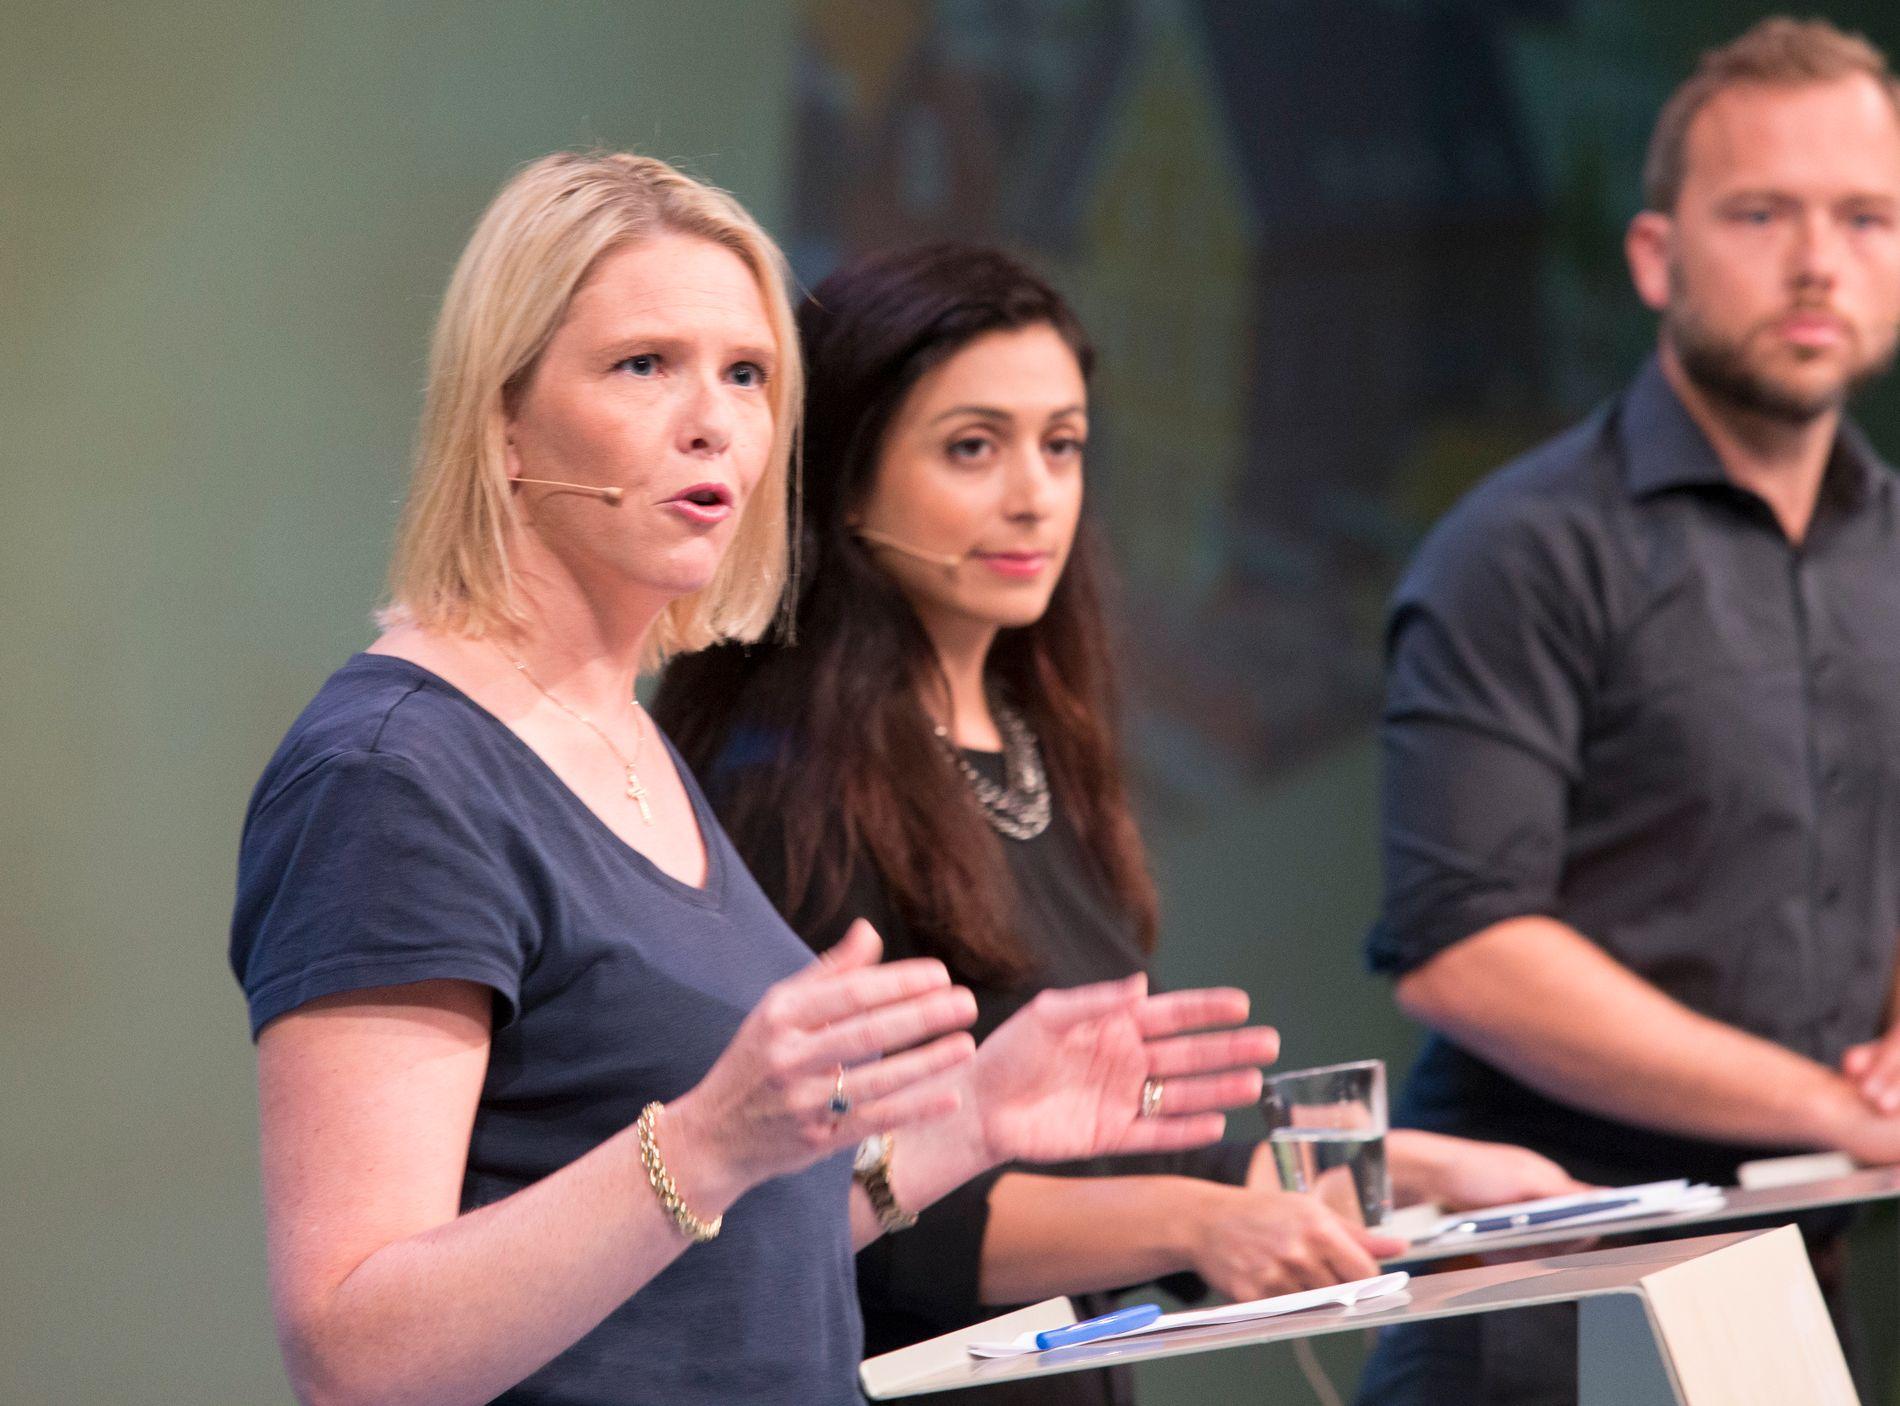 SYLVIS STØTTE: Innvandrings-. og integreringsminister Sylvi Listhaug (Frp), her sammen med Ap-nestleder Hadia Tajik og SV-leder Audun Lysbakken under en debatt om innnvandring og integrering i Arendal tirsdag.